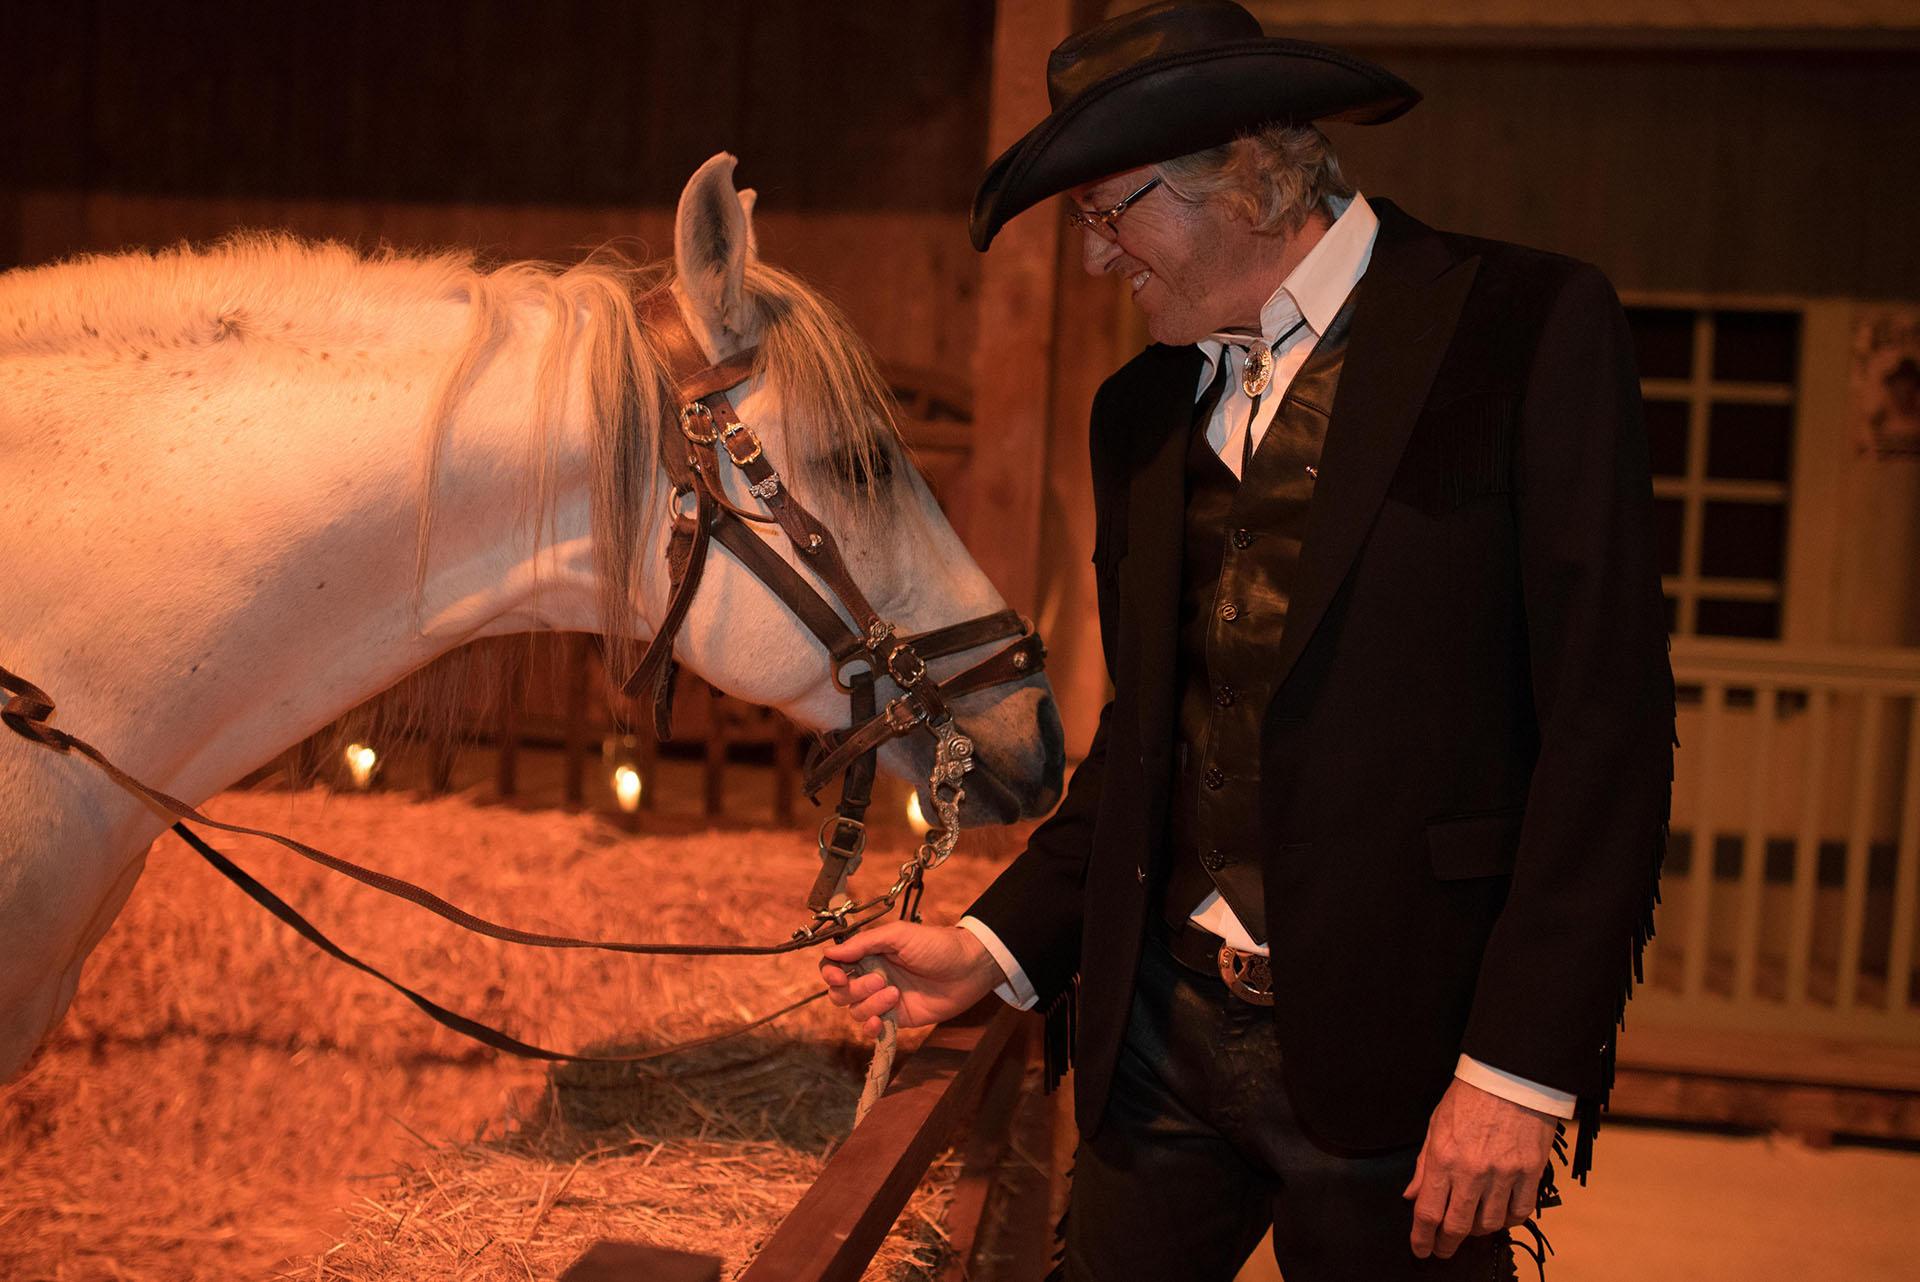 La noche del 11, el día del cumpleaños, se convirtió en un homenaje al cine del Oeste con una carpa a las afueras de la ciudad que recreaba un poblado con saloon, casino y hasta oficina del sheriff